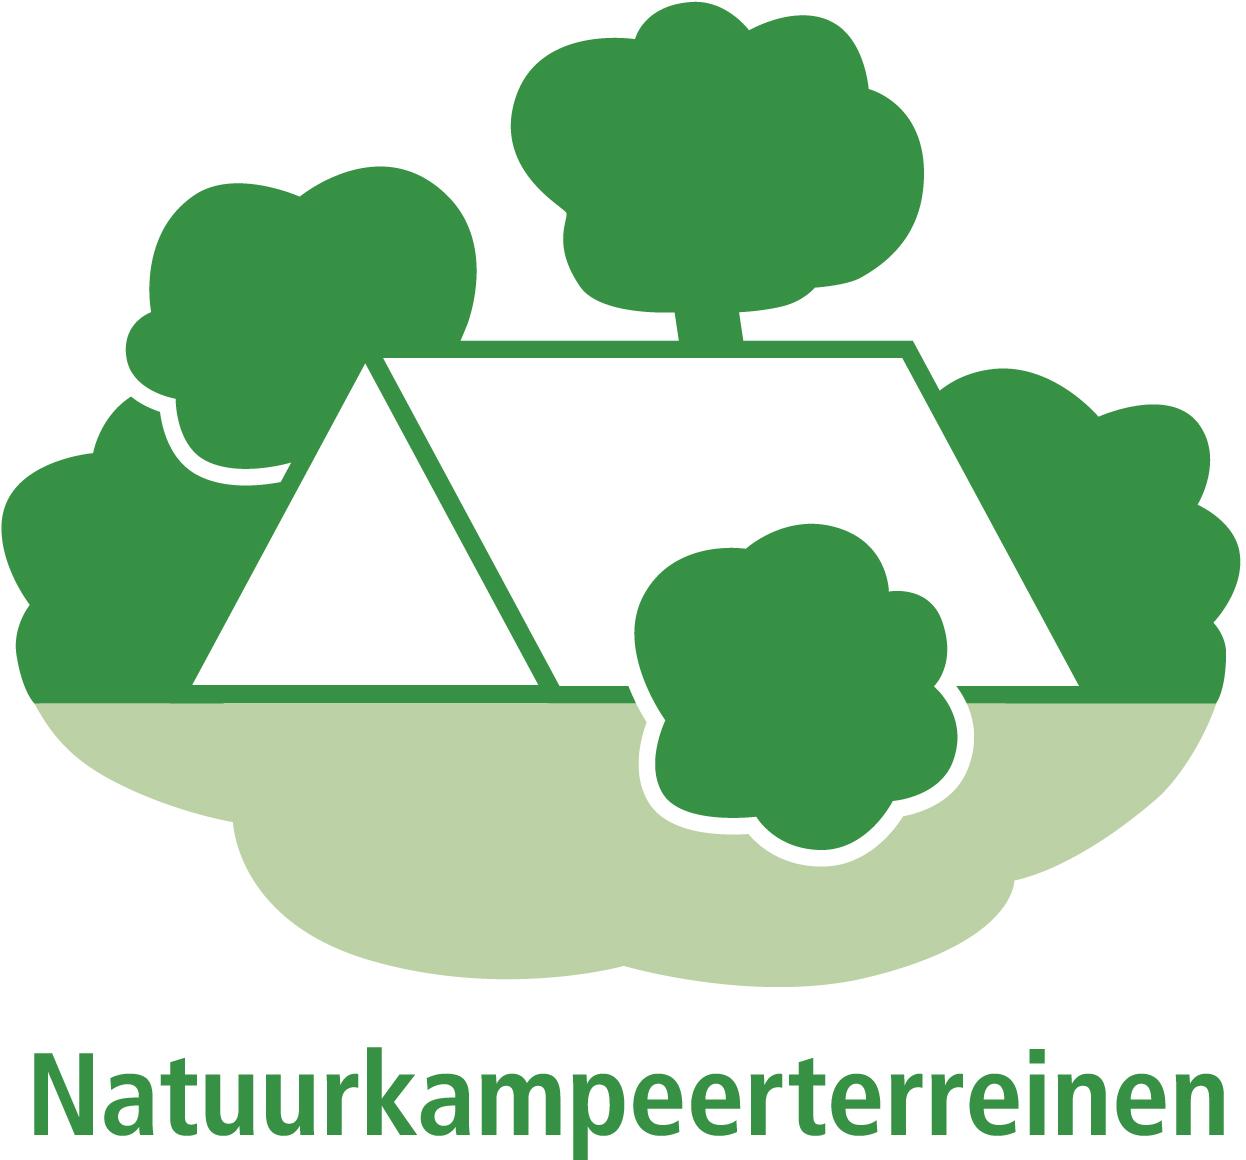 Afbeeldingsresultaten voor natuurkampeerterreinen